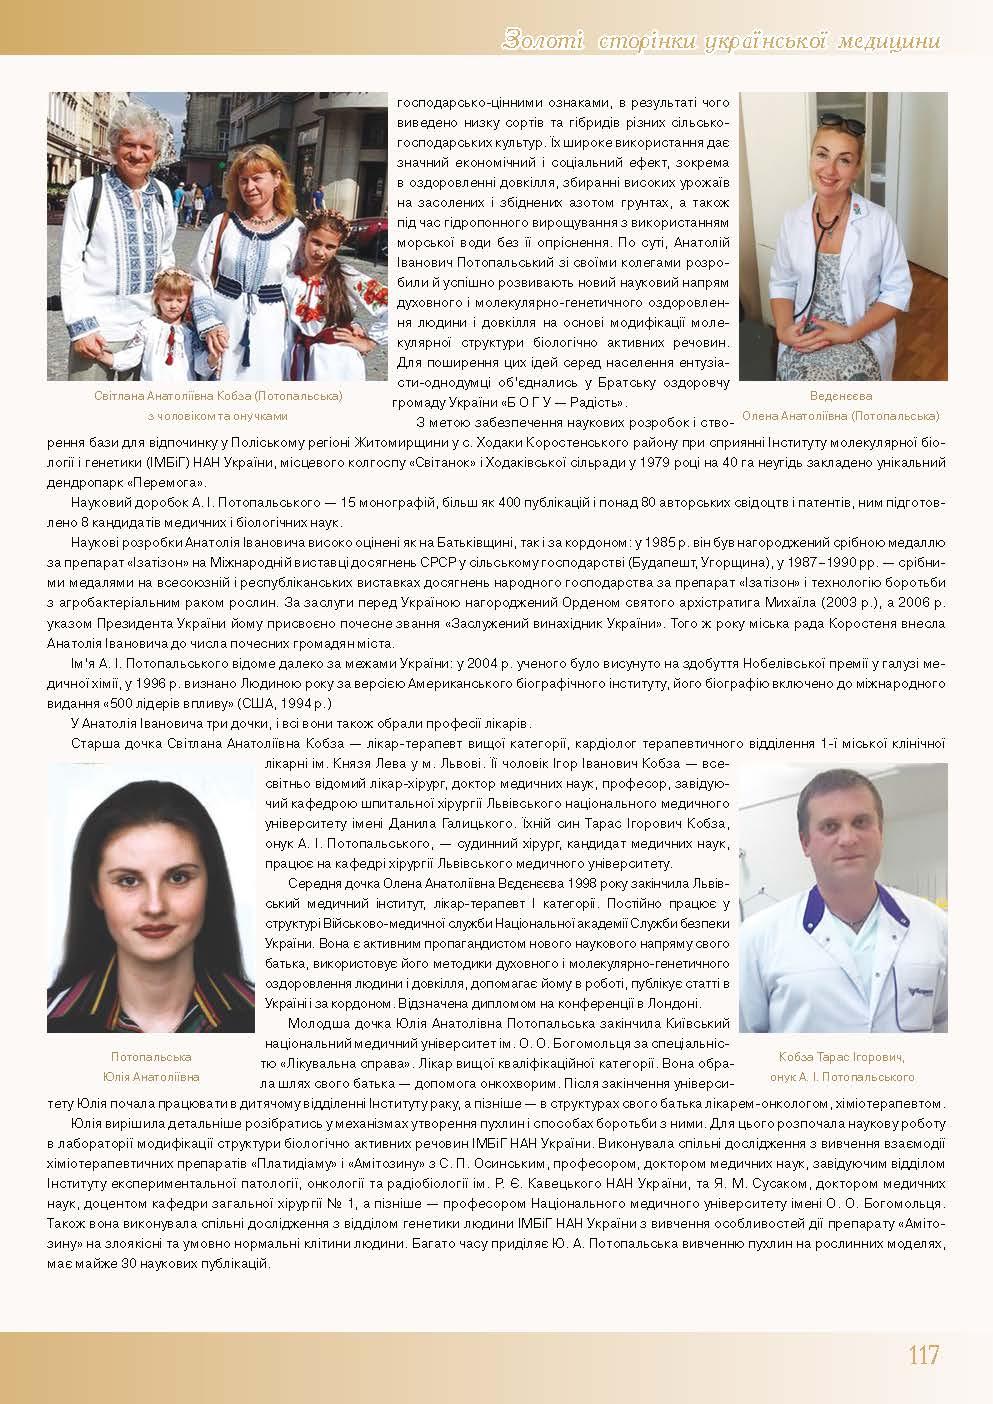 Медична династія Потопальських